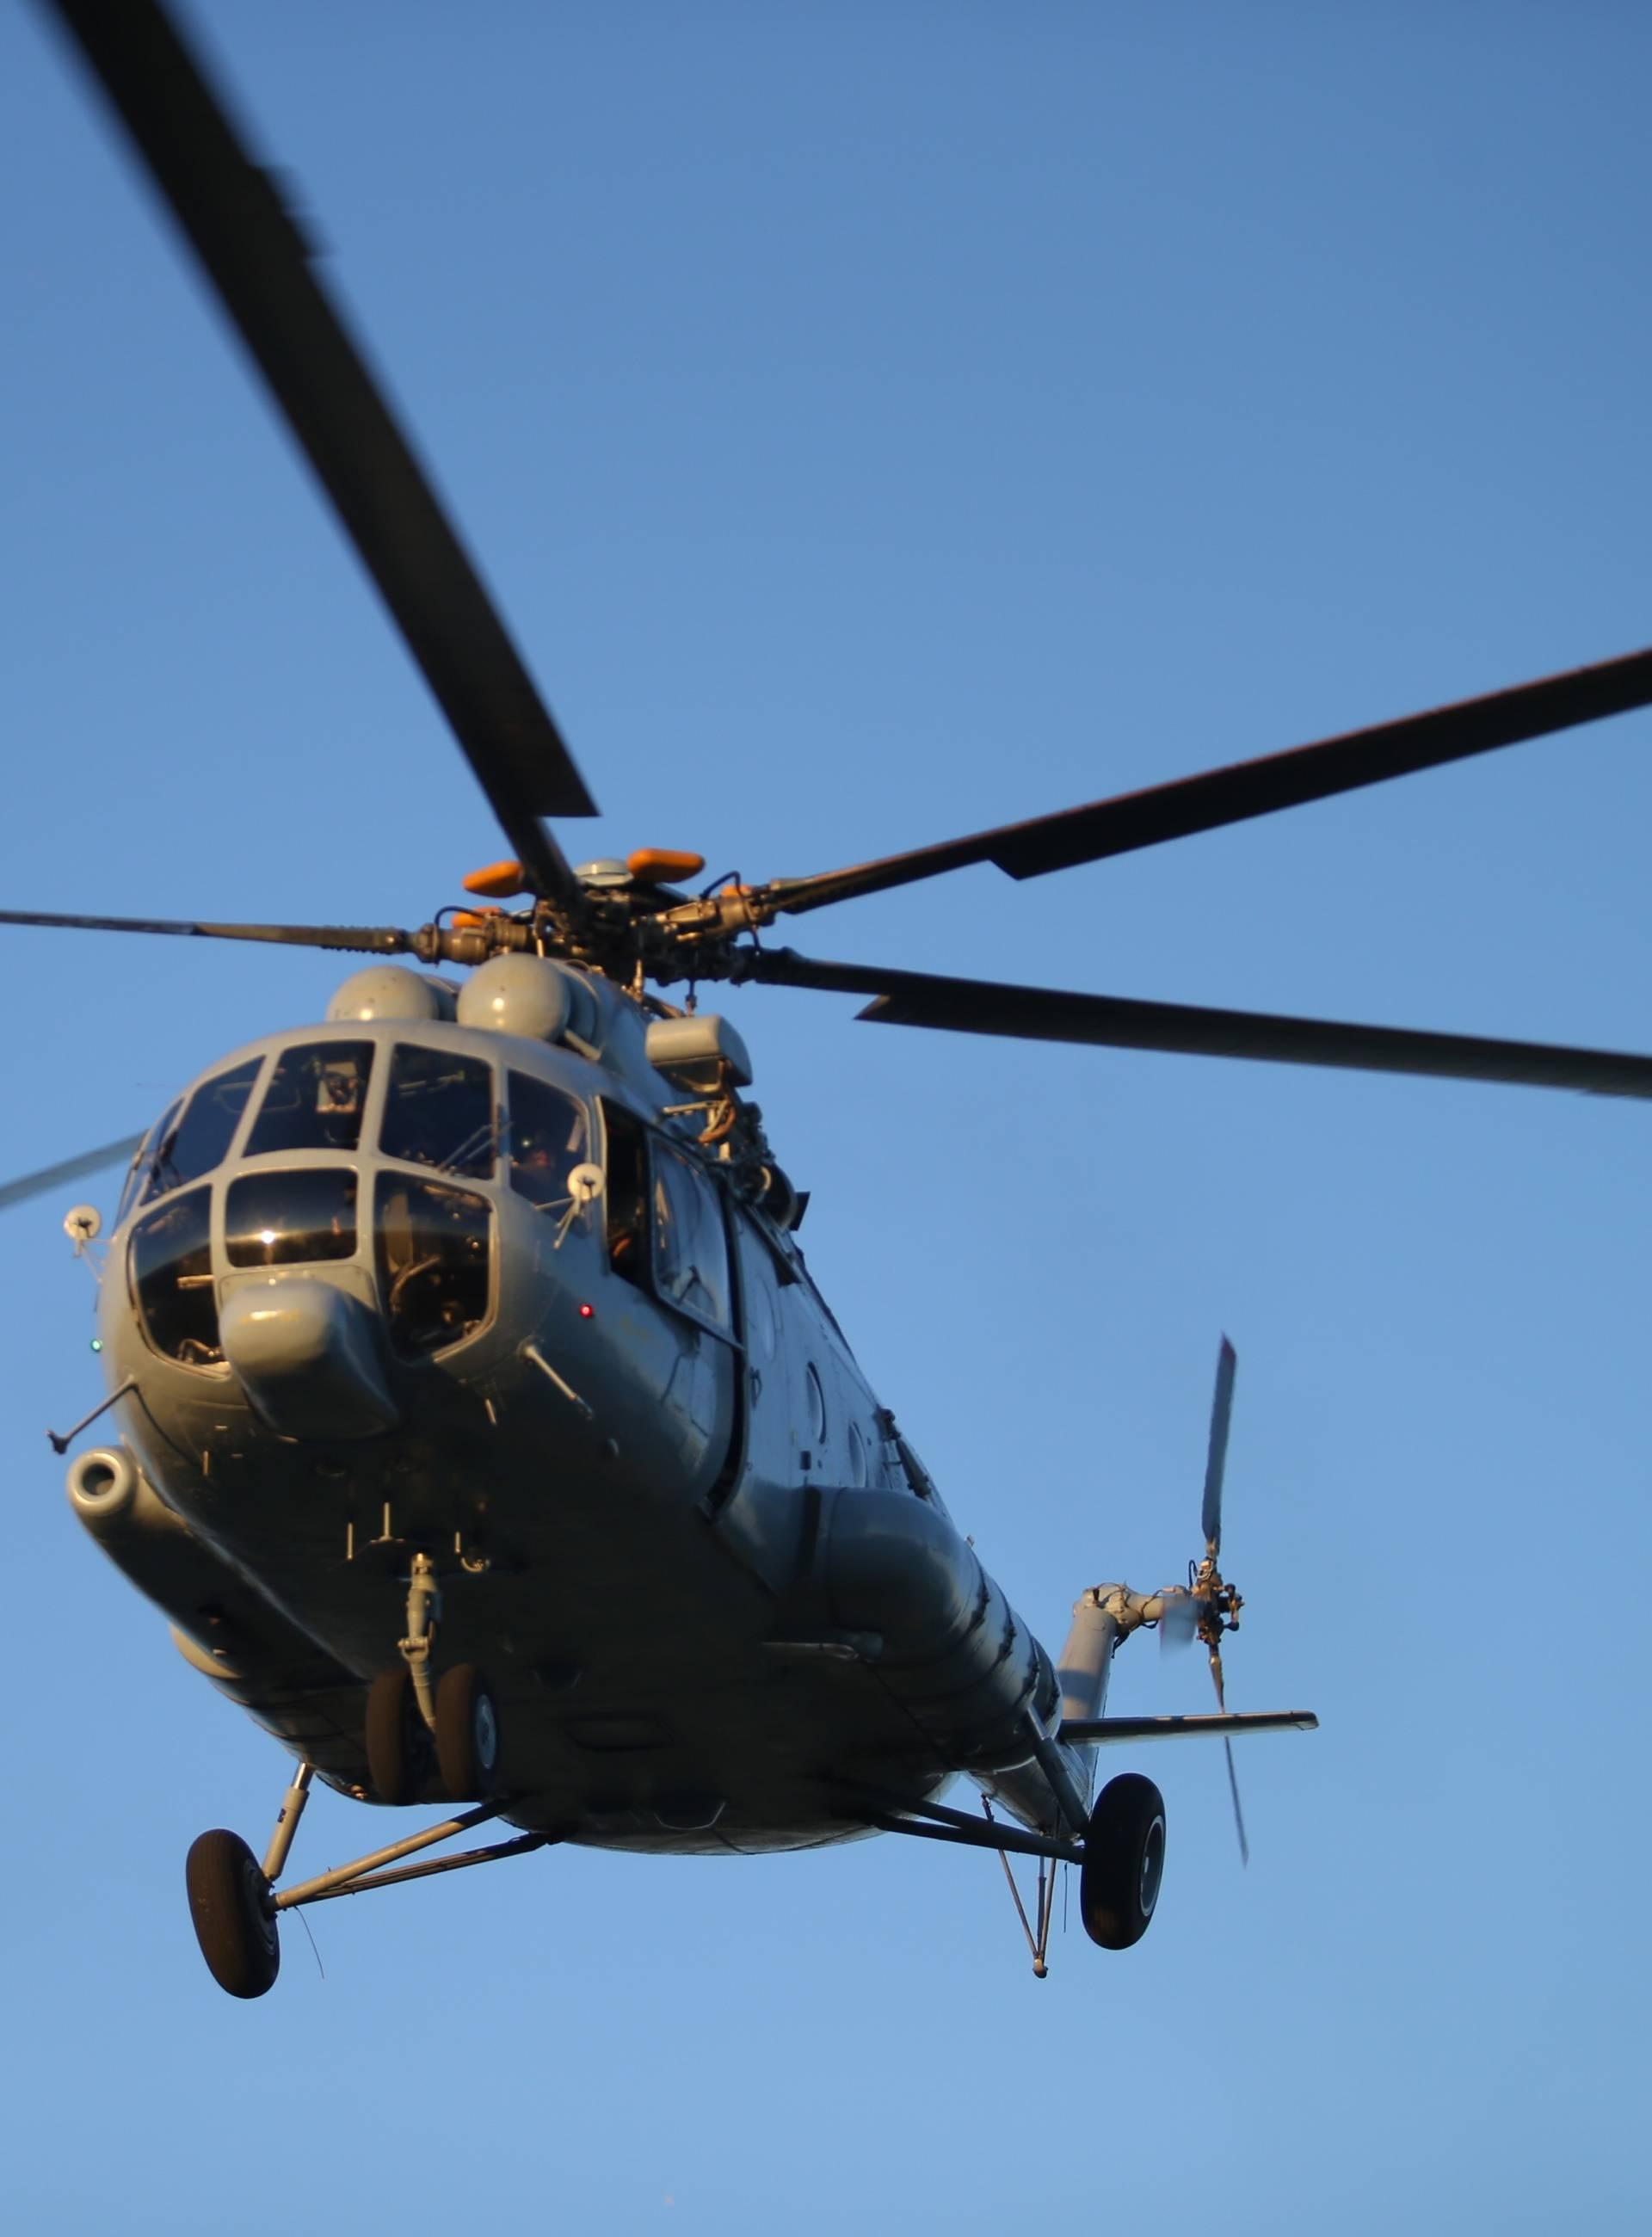 Planinar visio sa stijene, spasili ga GSS-ovci i vojni helikopter